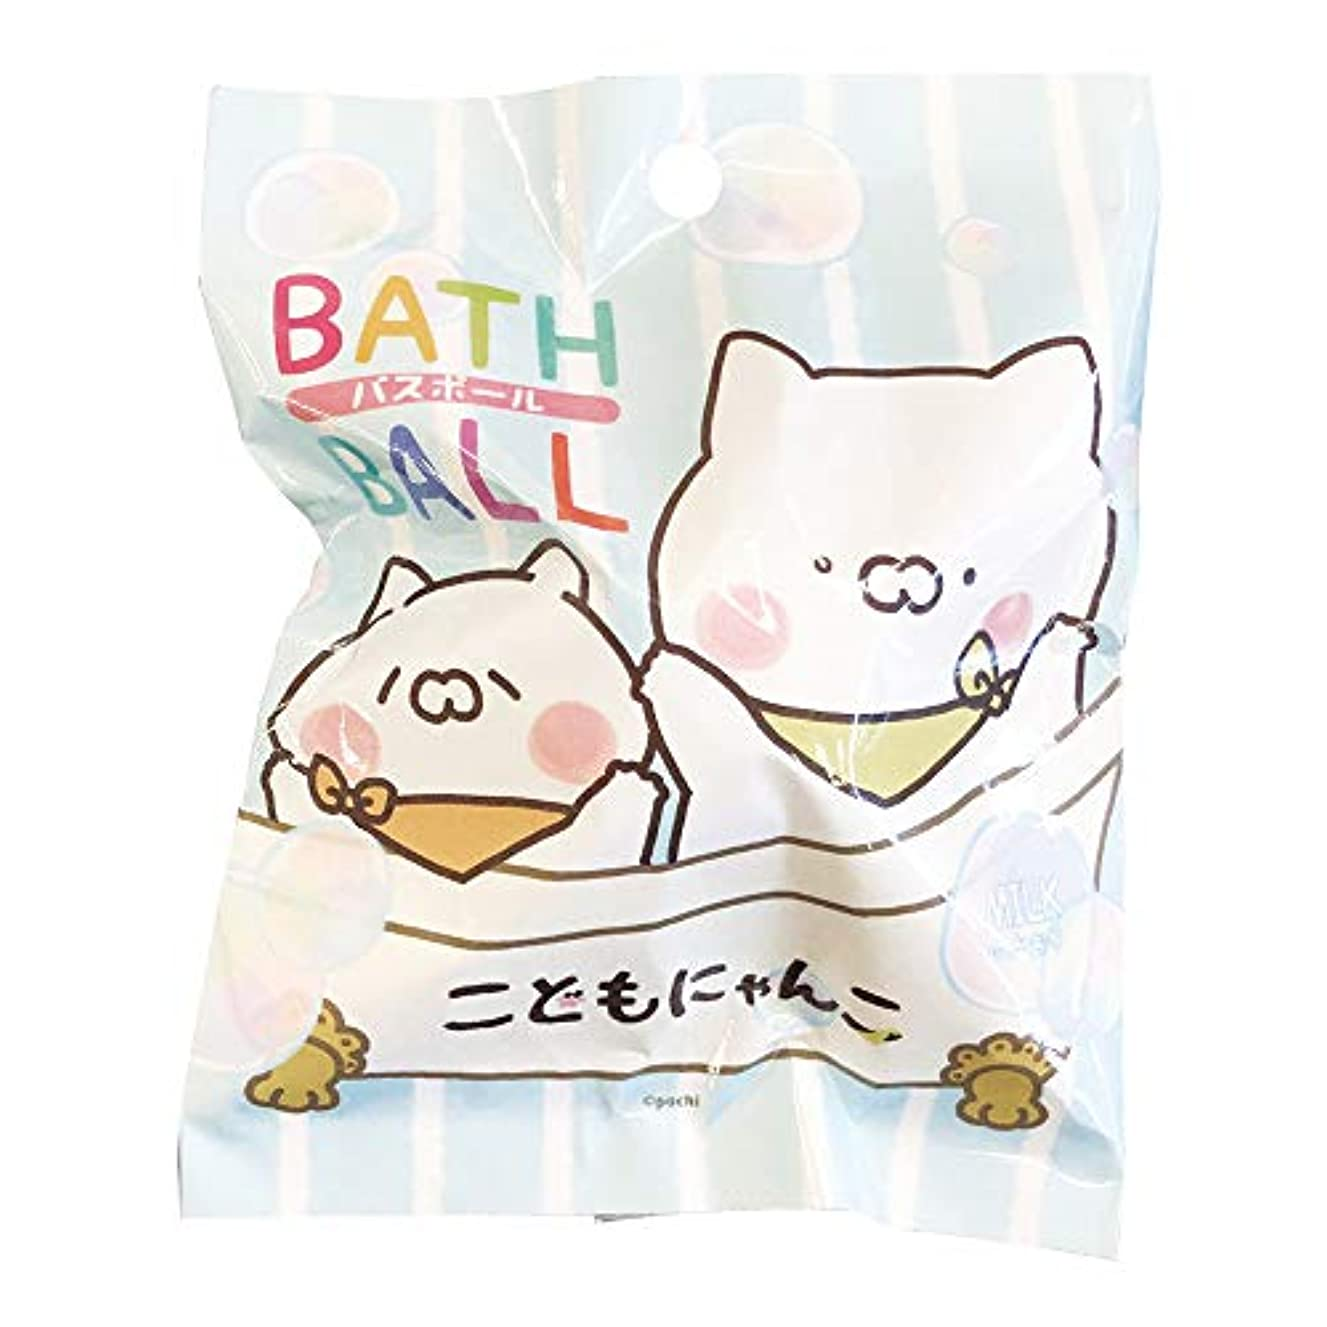 こどもにゃんこ 入浴剤 バスボール おまけ付き ミルクの香り 50g ABD-043-001